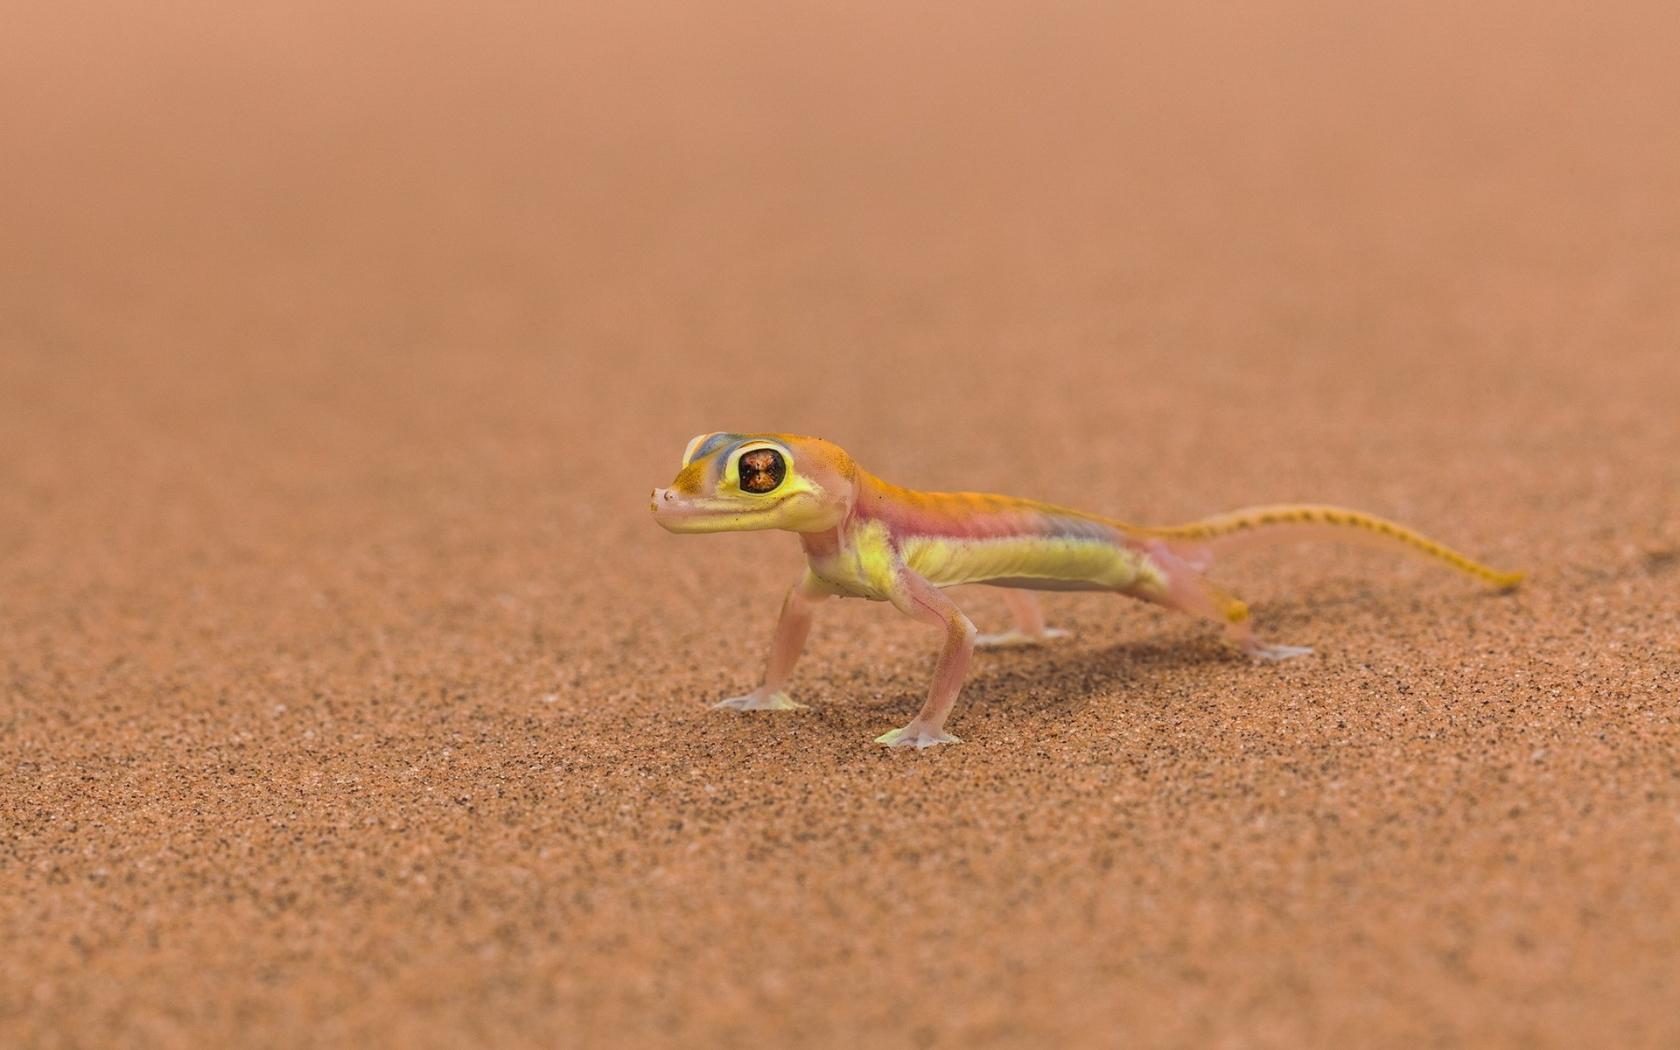 Pequeño reptil - 1680x1050